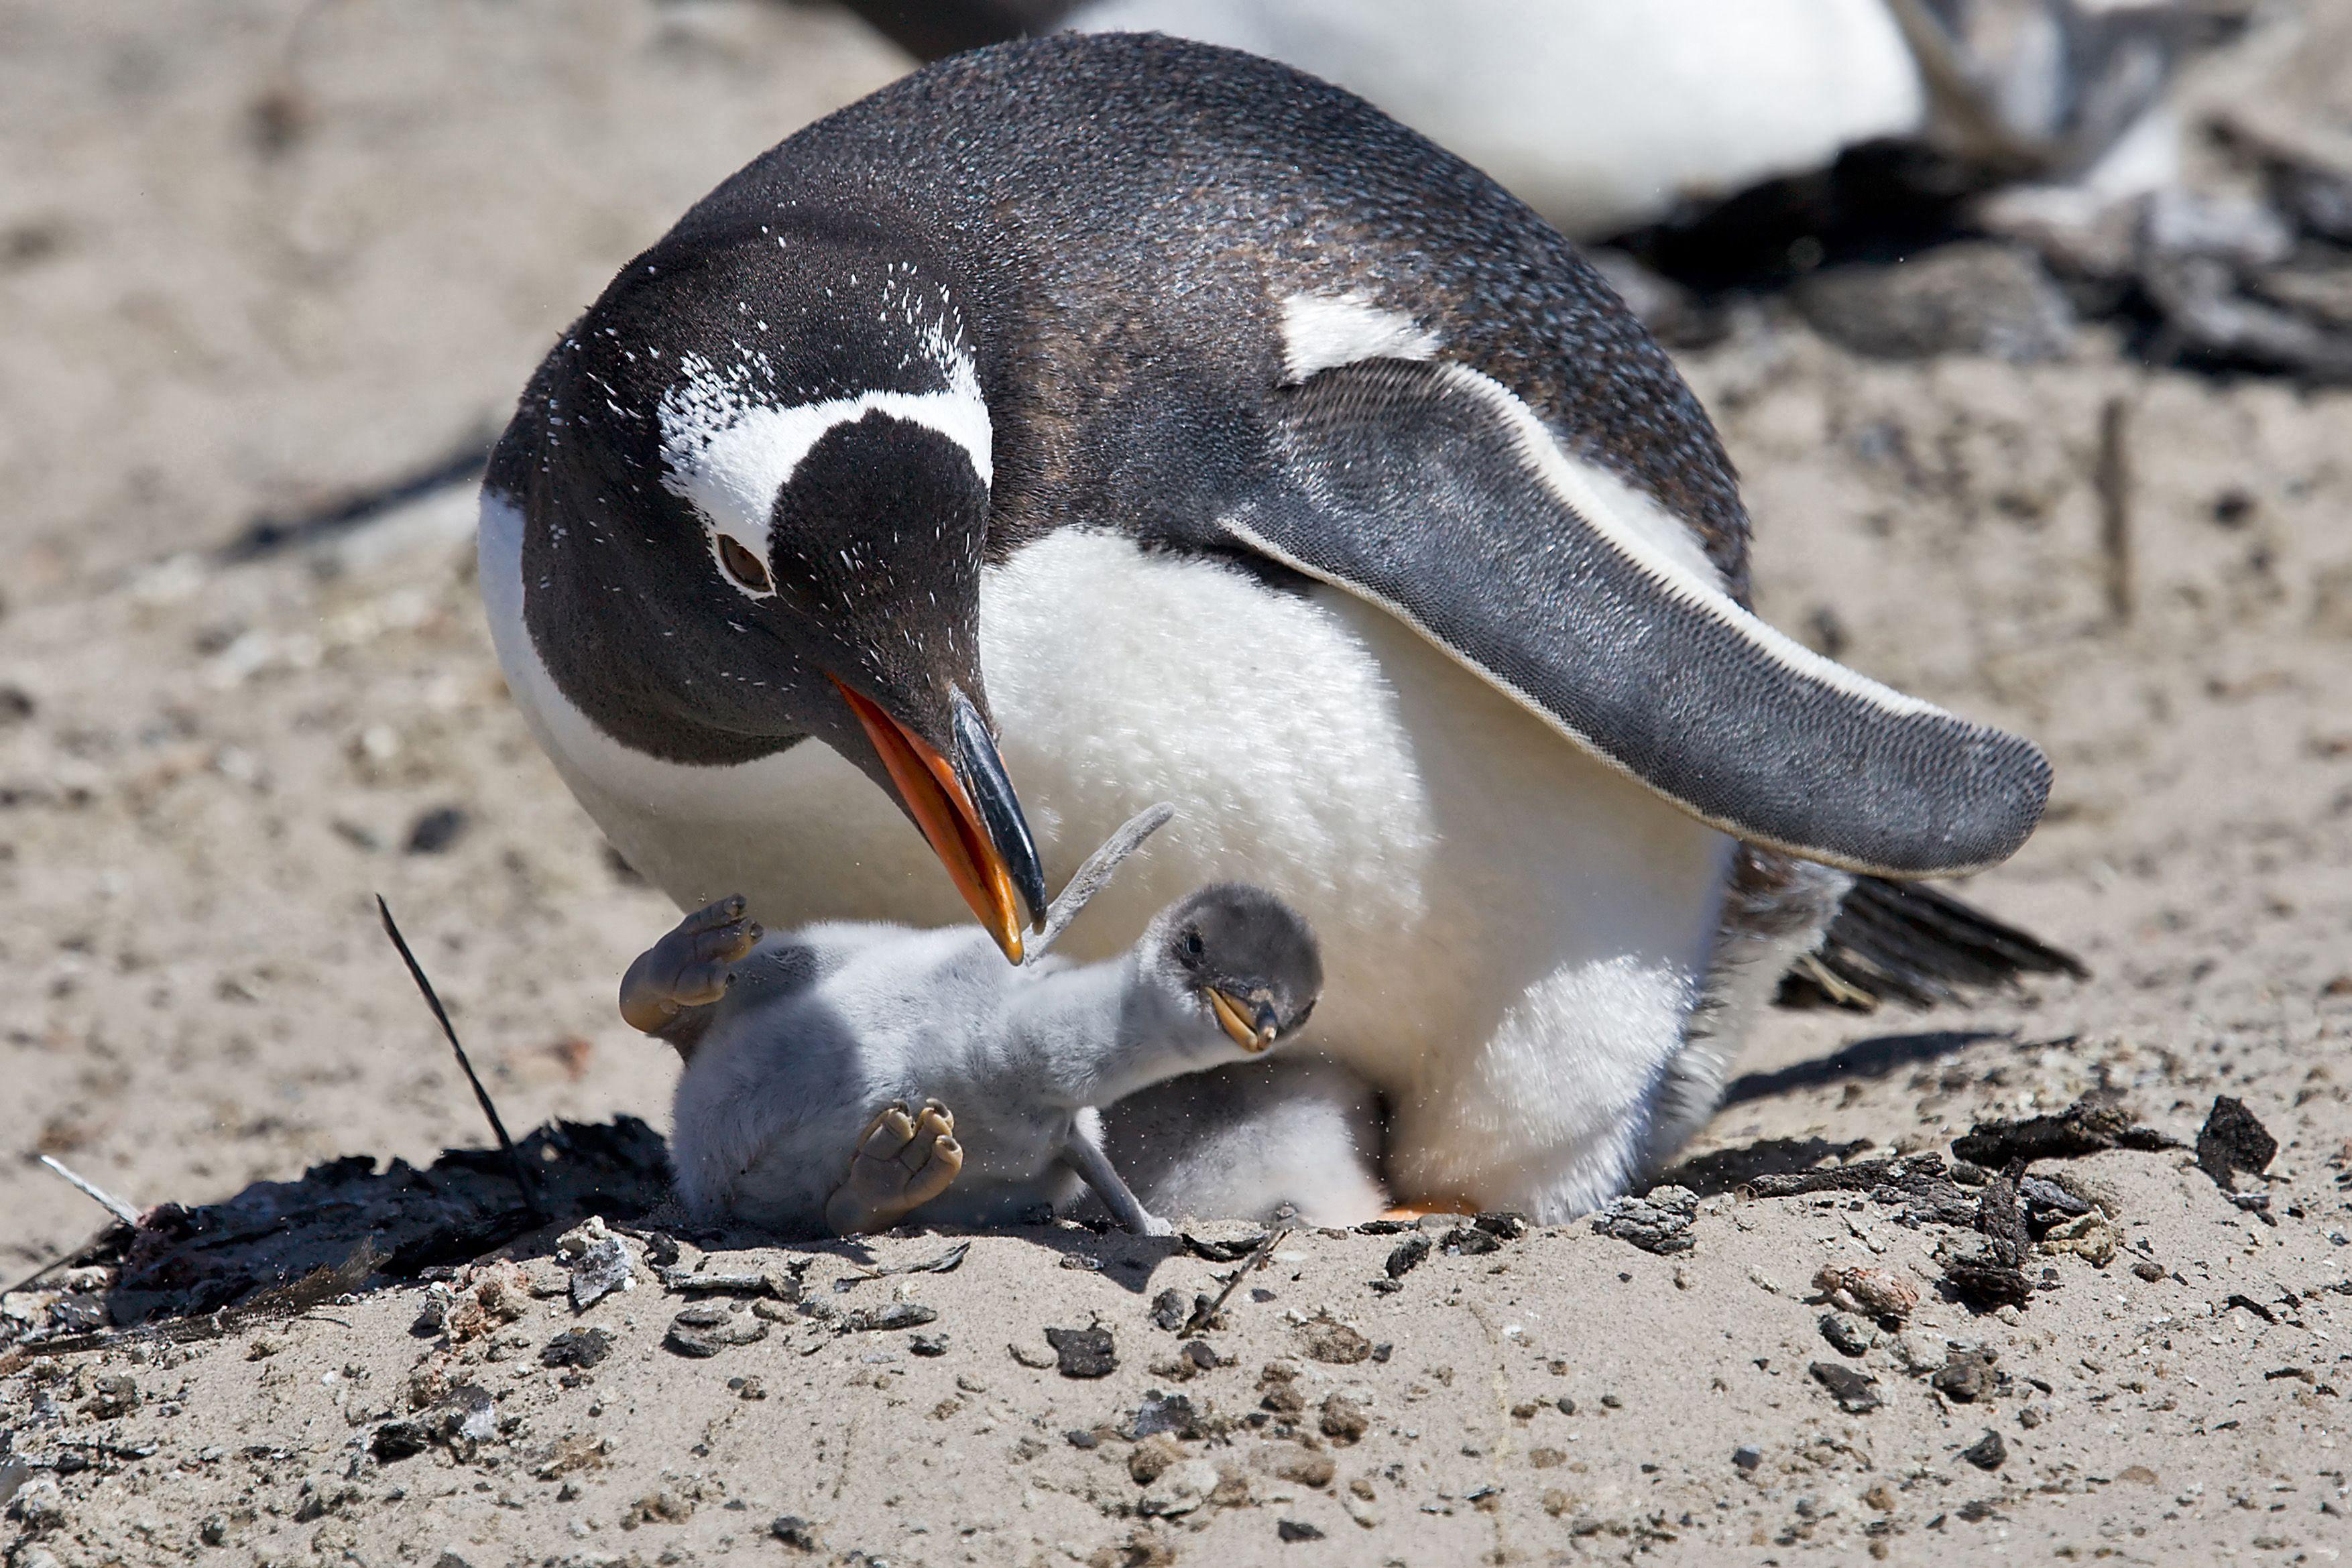 Penguins-Falkland Islands   Penguins